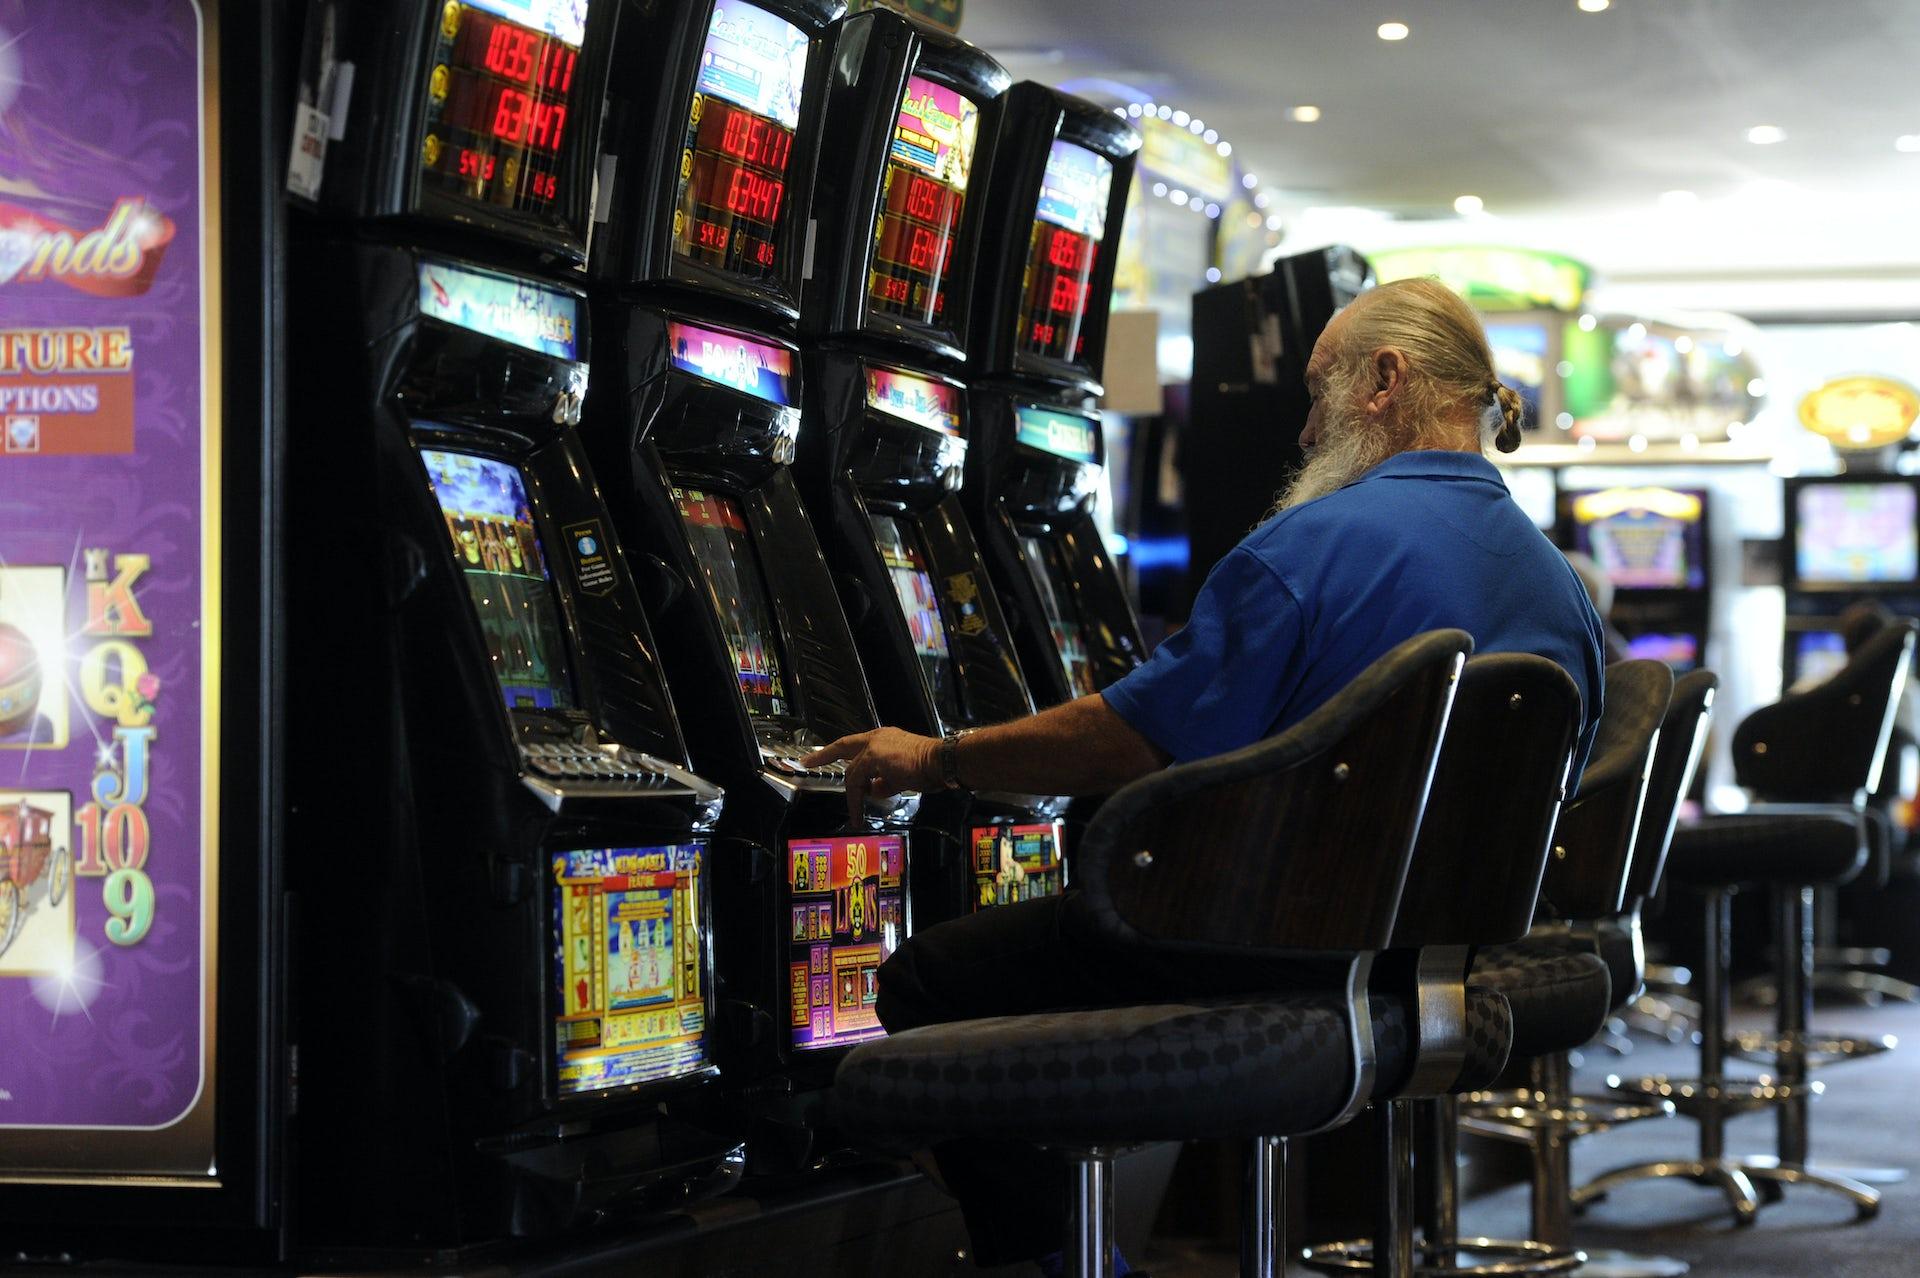 Push to ban online gambling at work free deposit file